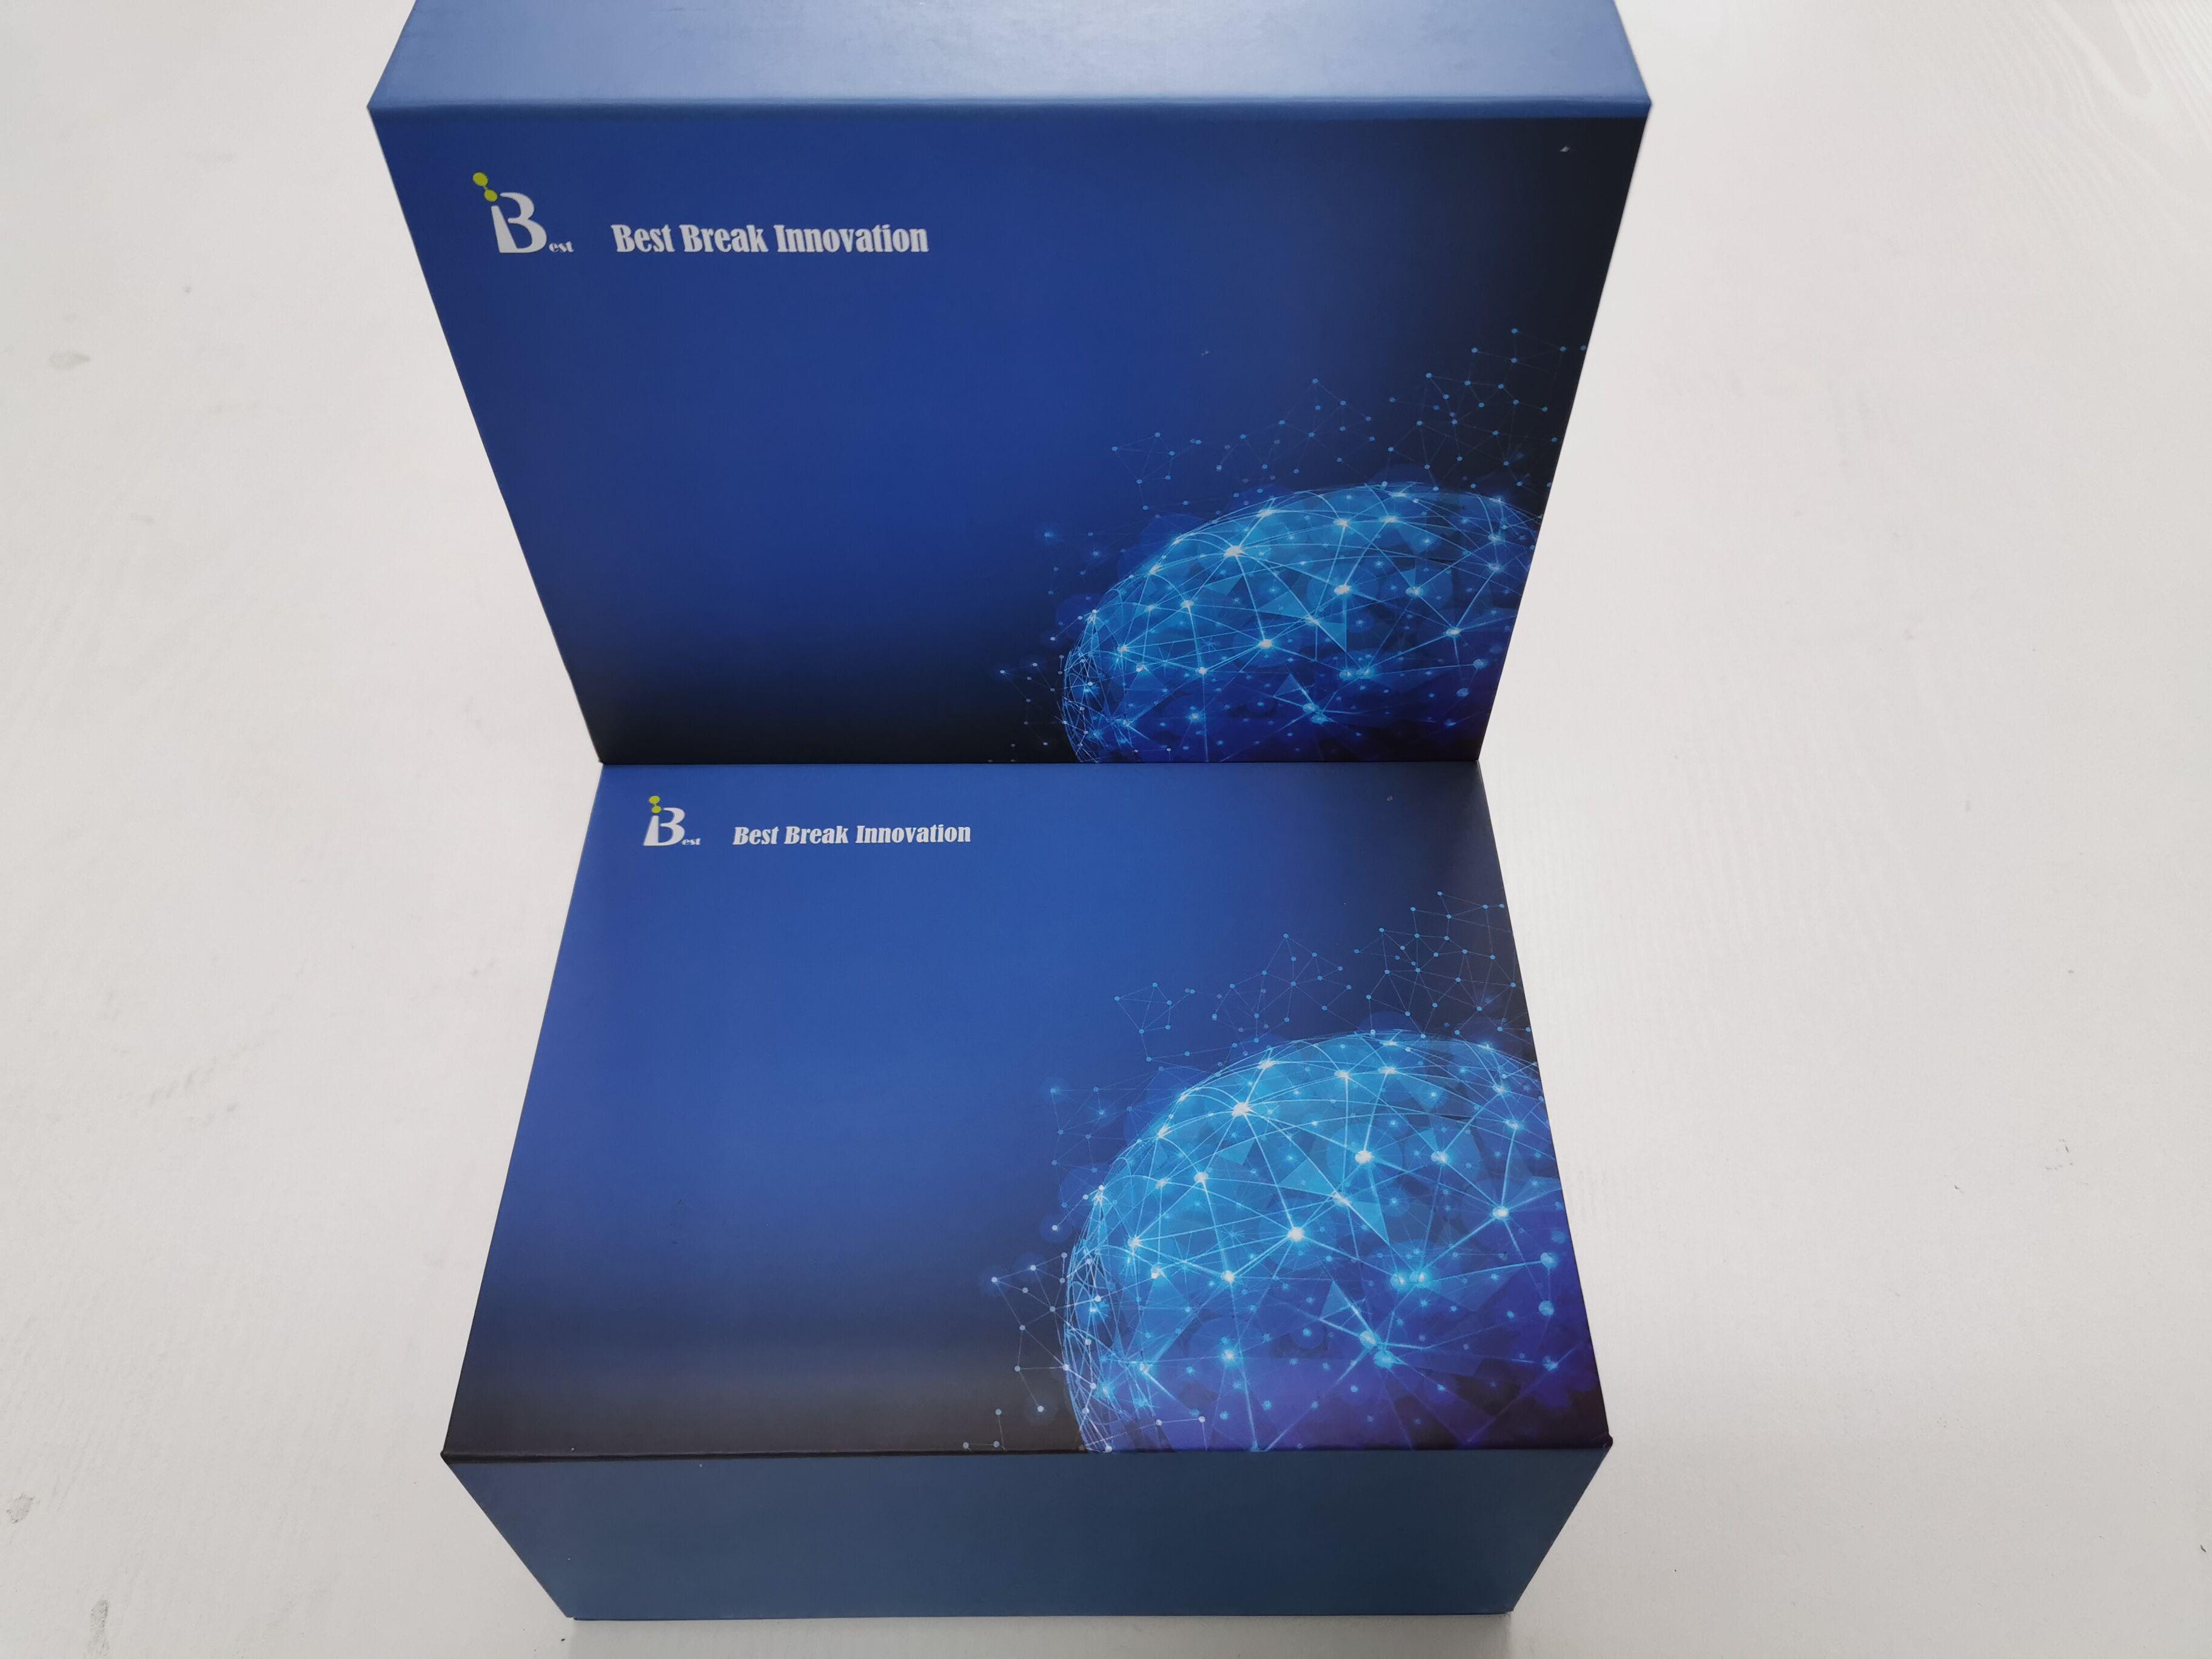 鸭碘甲腺原氨酸脱碘酶I型酶联免疫试剂盒